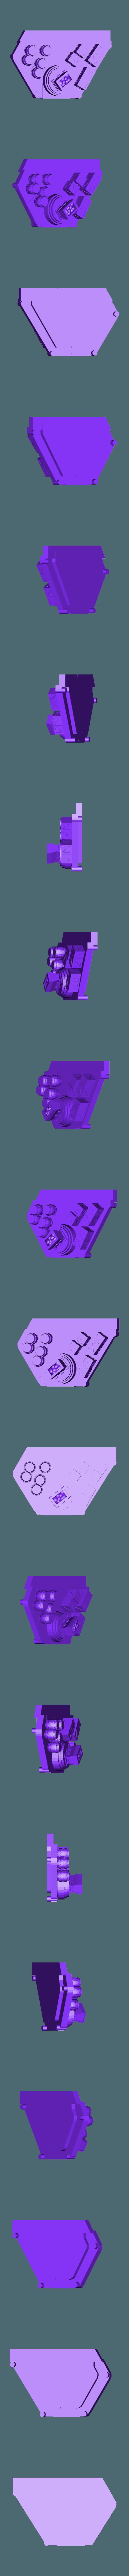 Catan_-_Harbor_Ore.stl Télécharger fichier STL gratuit Jeu complet de carreaux Catan - Buse simple, multicouches multicolores • Objet pour impression 3D, Hardcore3D